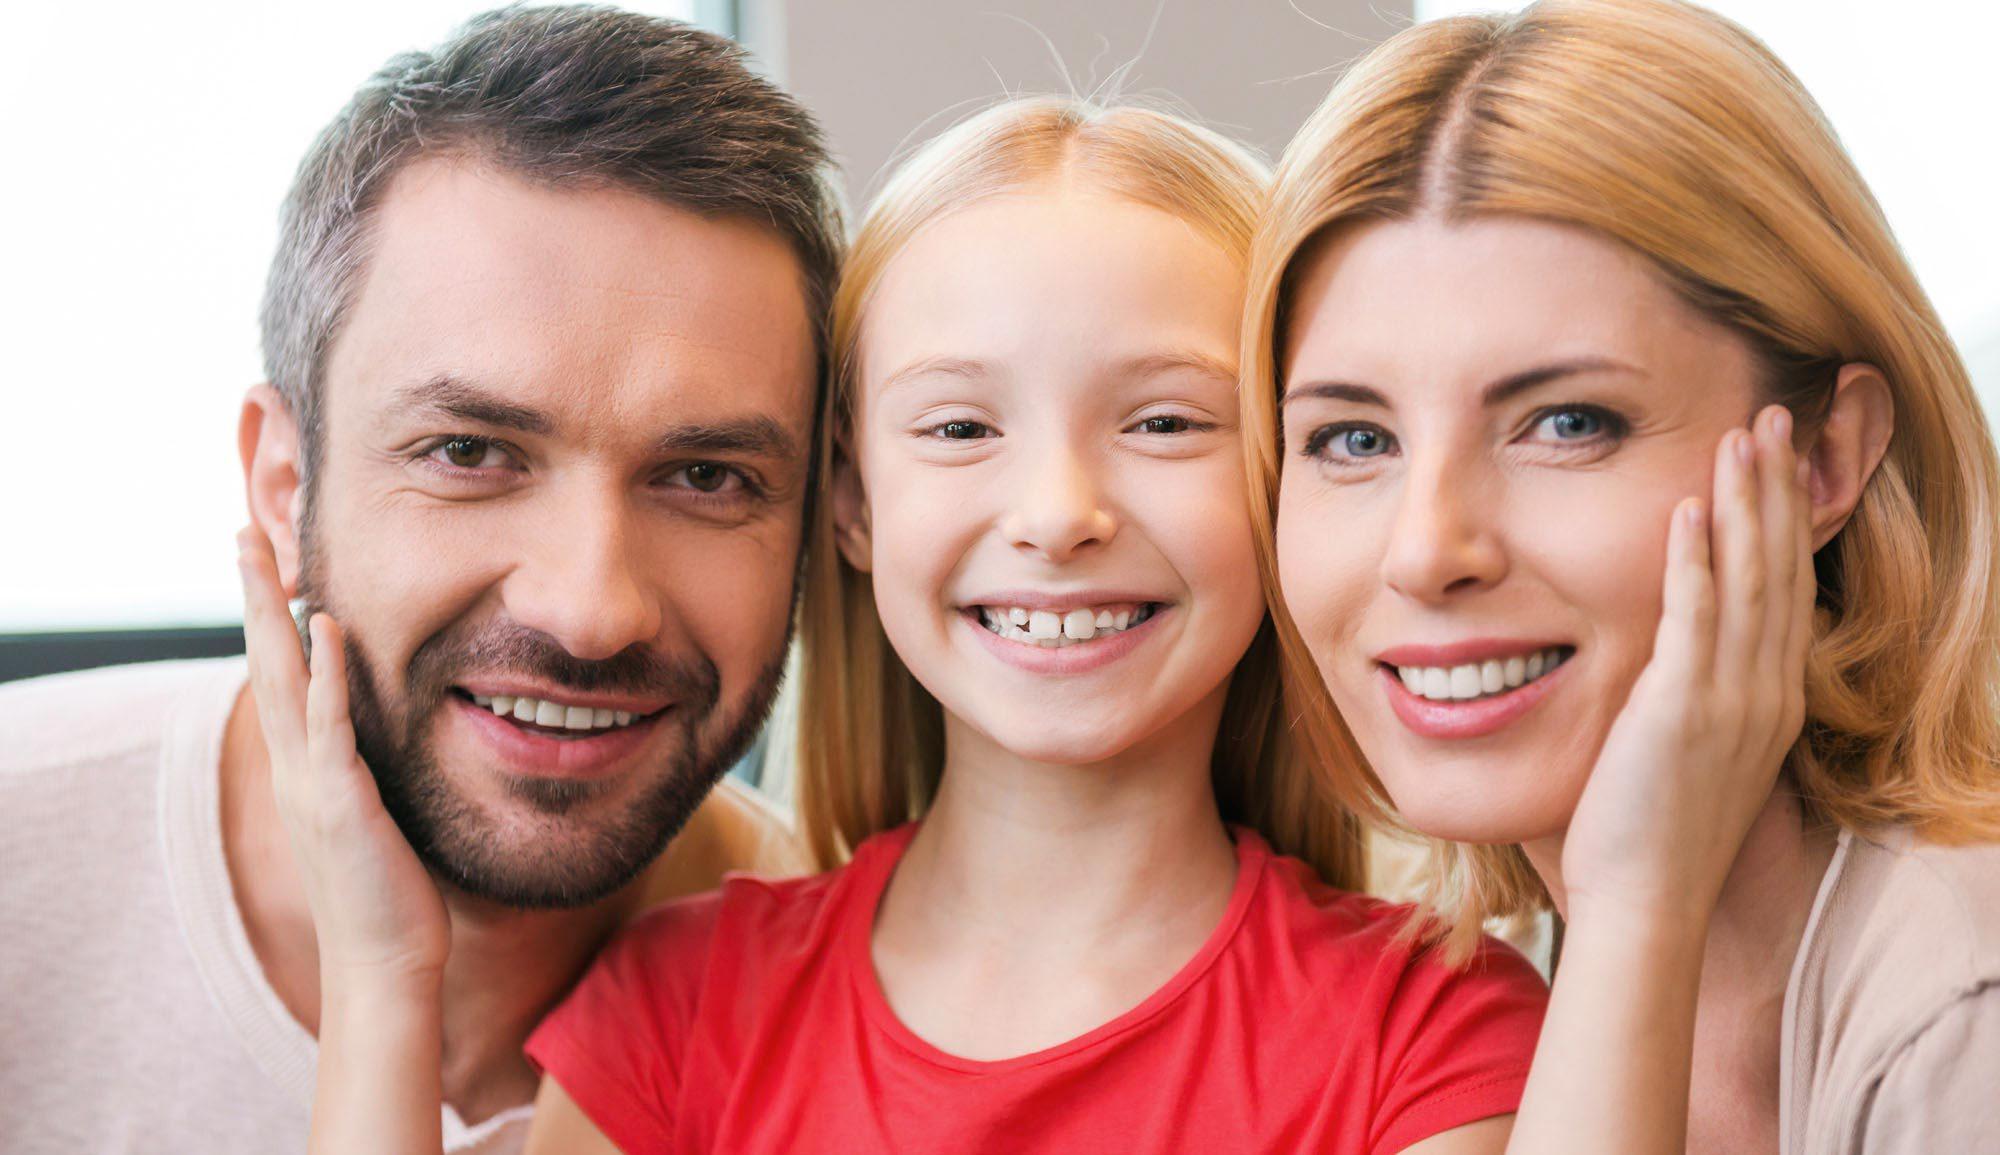 Dental Implants Freeport, NY